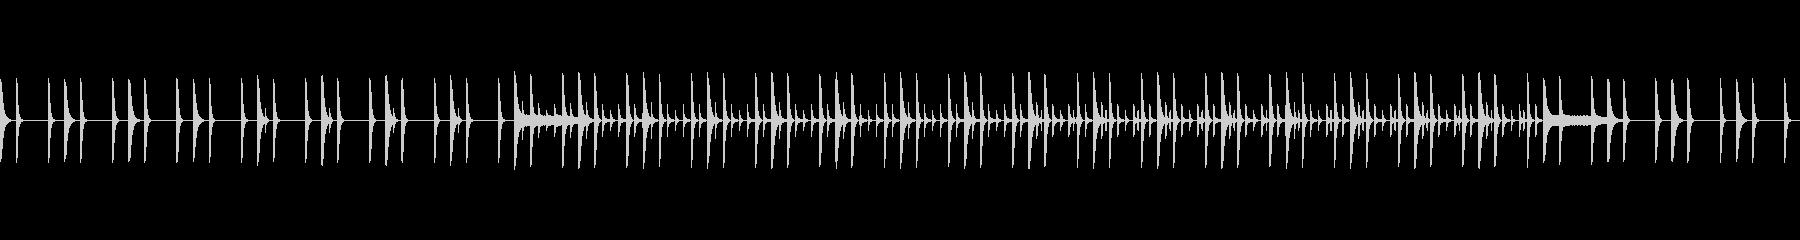 教育番組っぽいパーカッションBGMループの未再生の波形